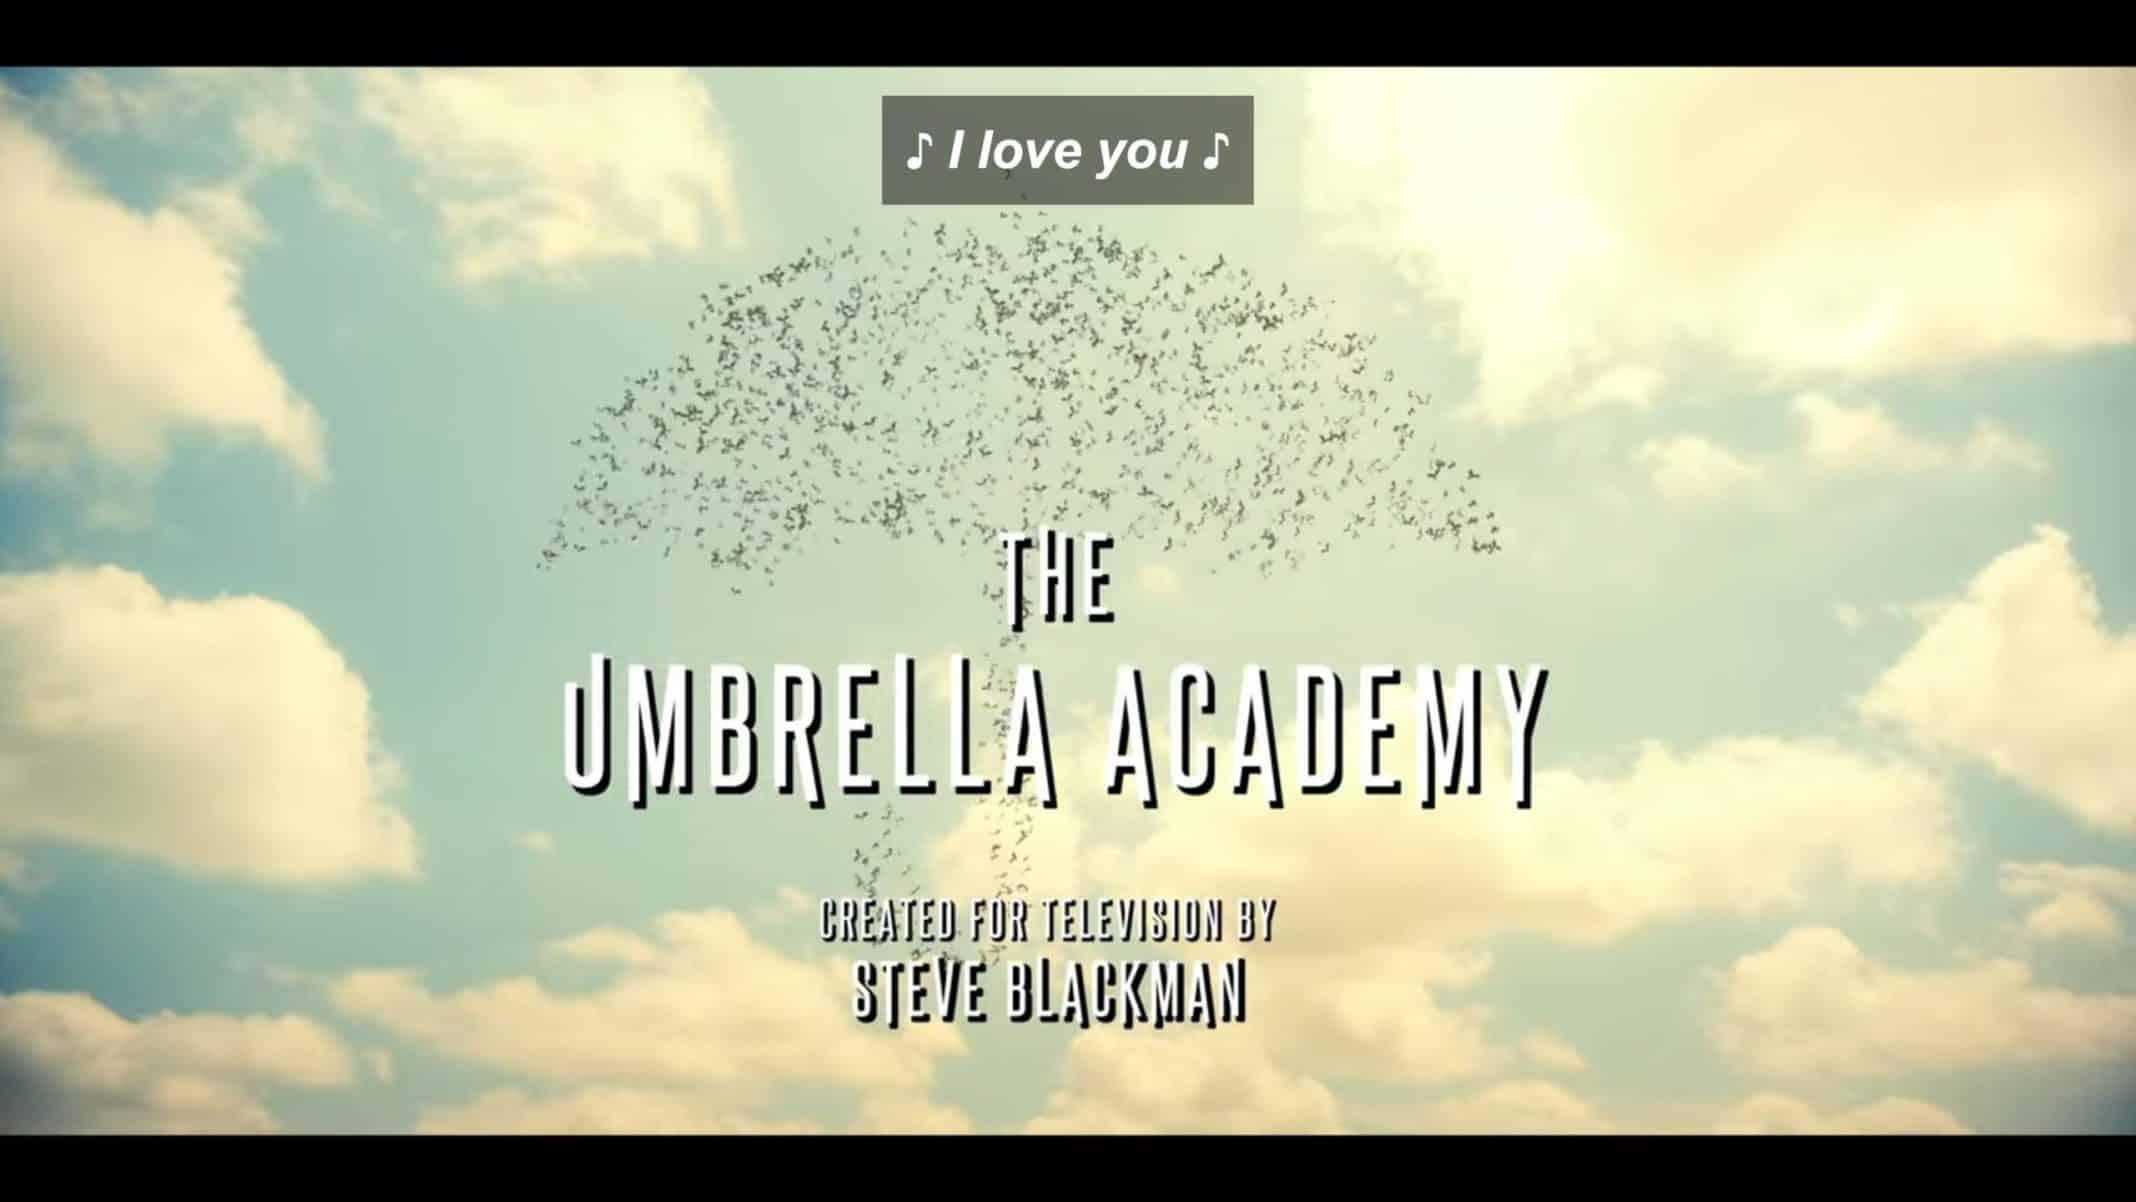 Title Card Episode 3 - The Umbrella Academy Season 2 Episode 1 to 3